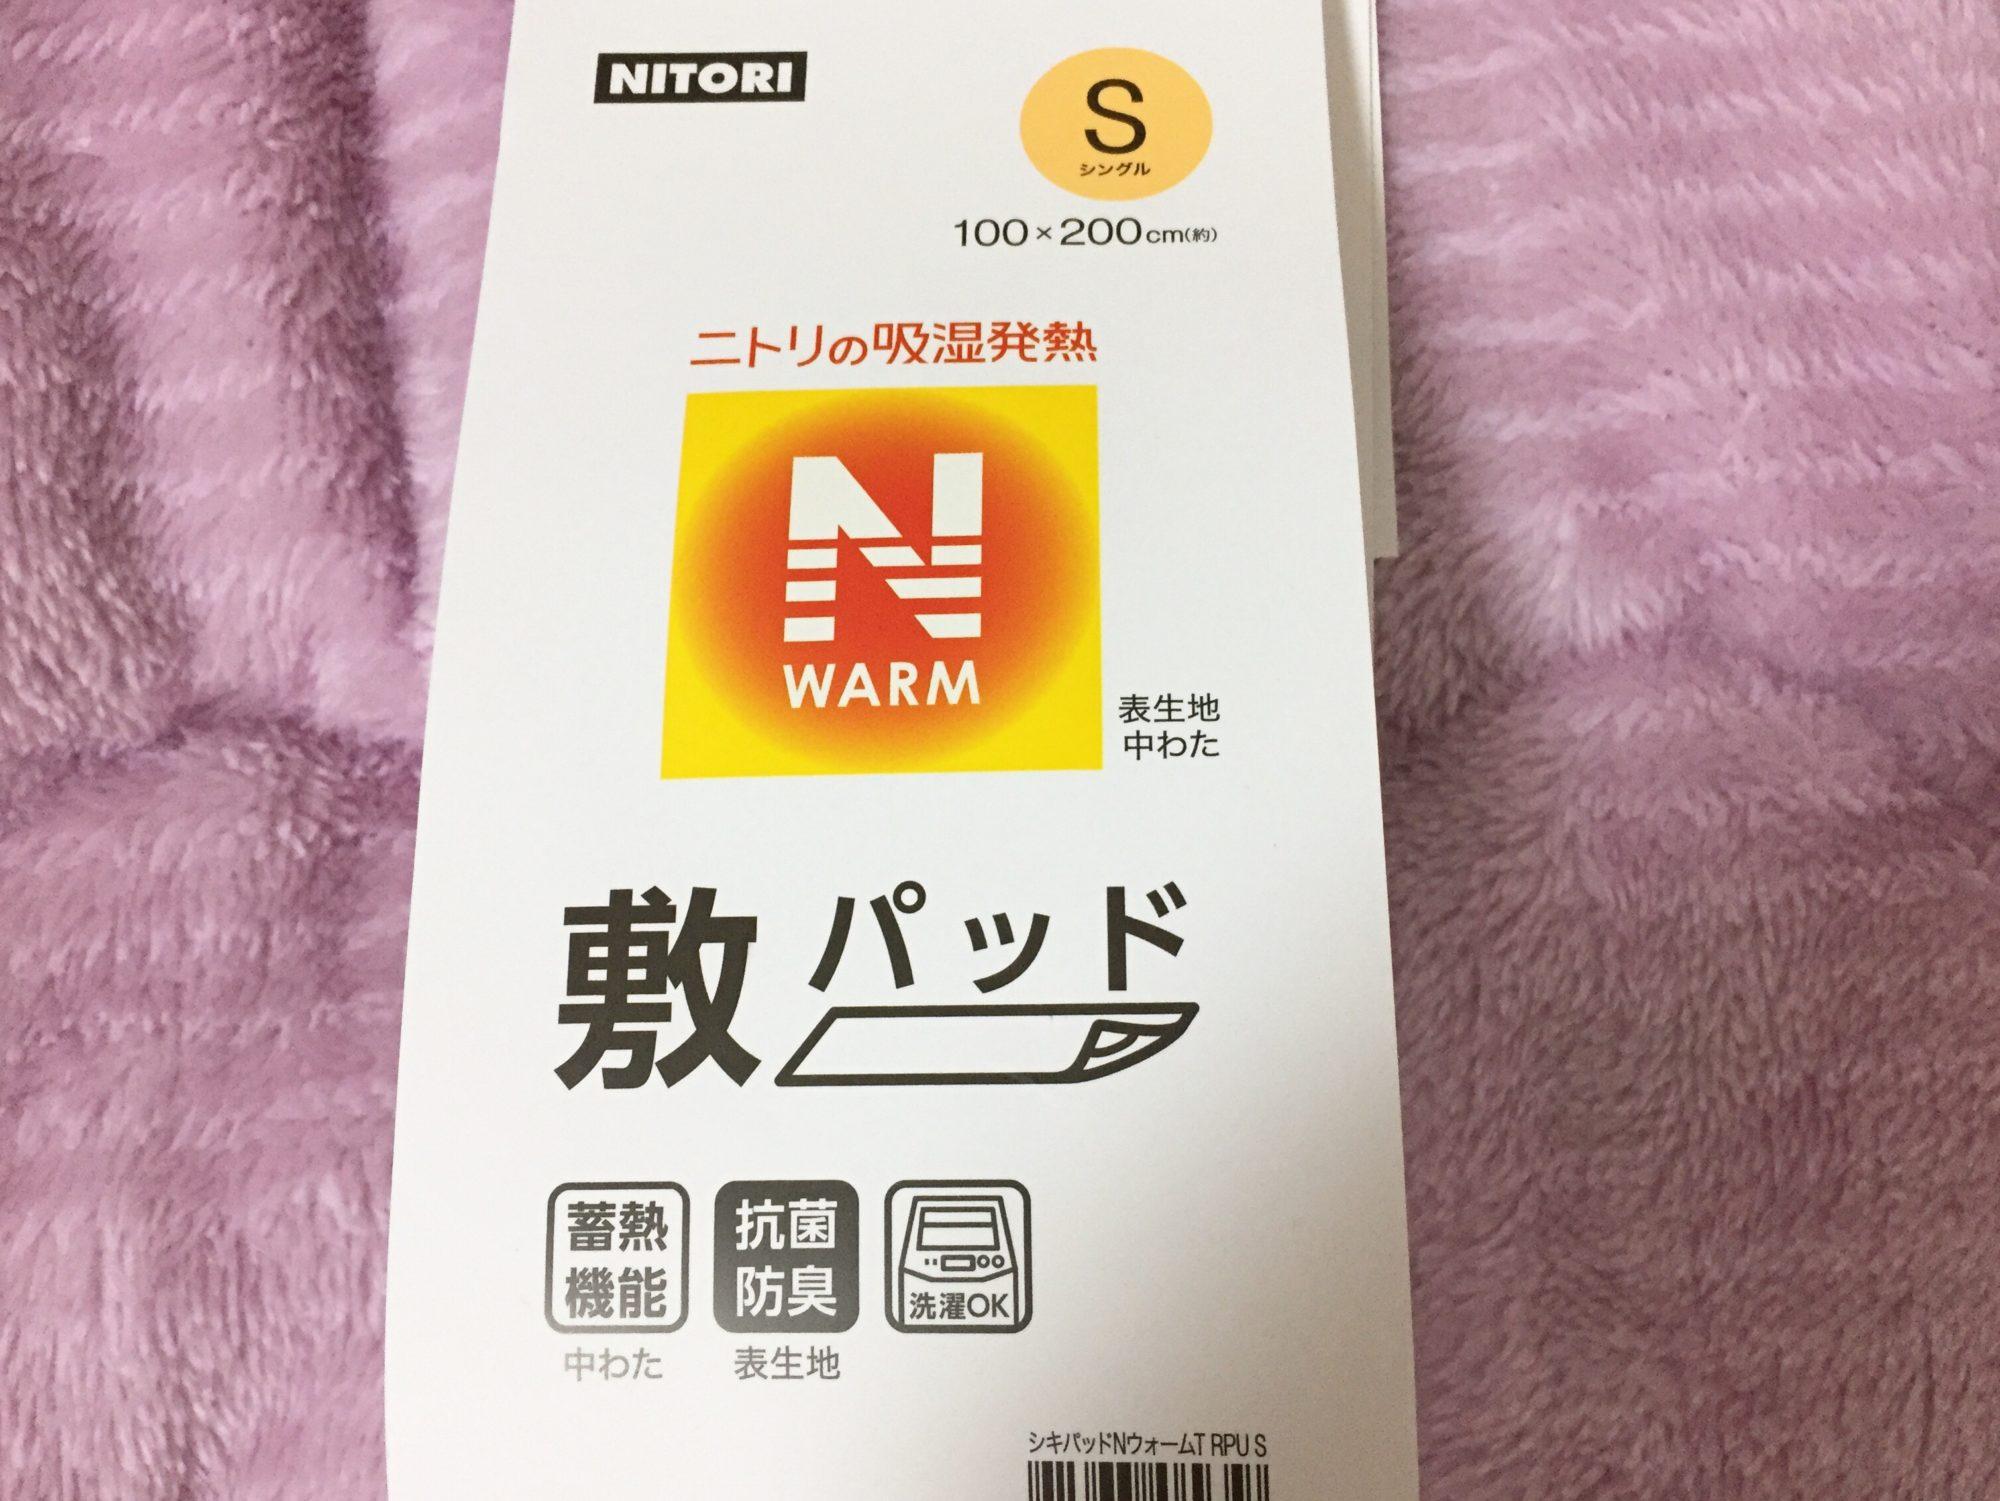 ニトリのNウォーム敷きパットは、あったかくて肌触り最高♡寝過ぎに注意です!